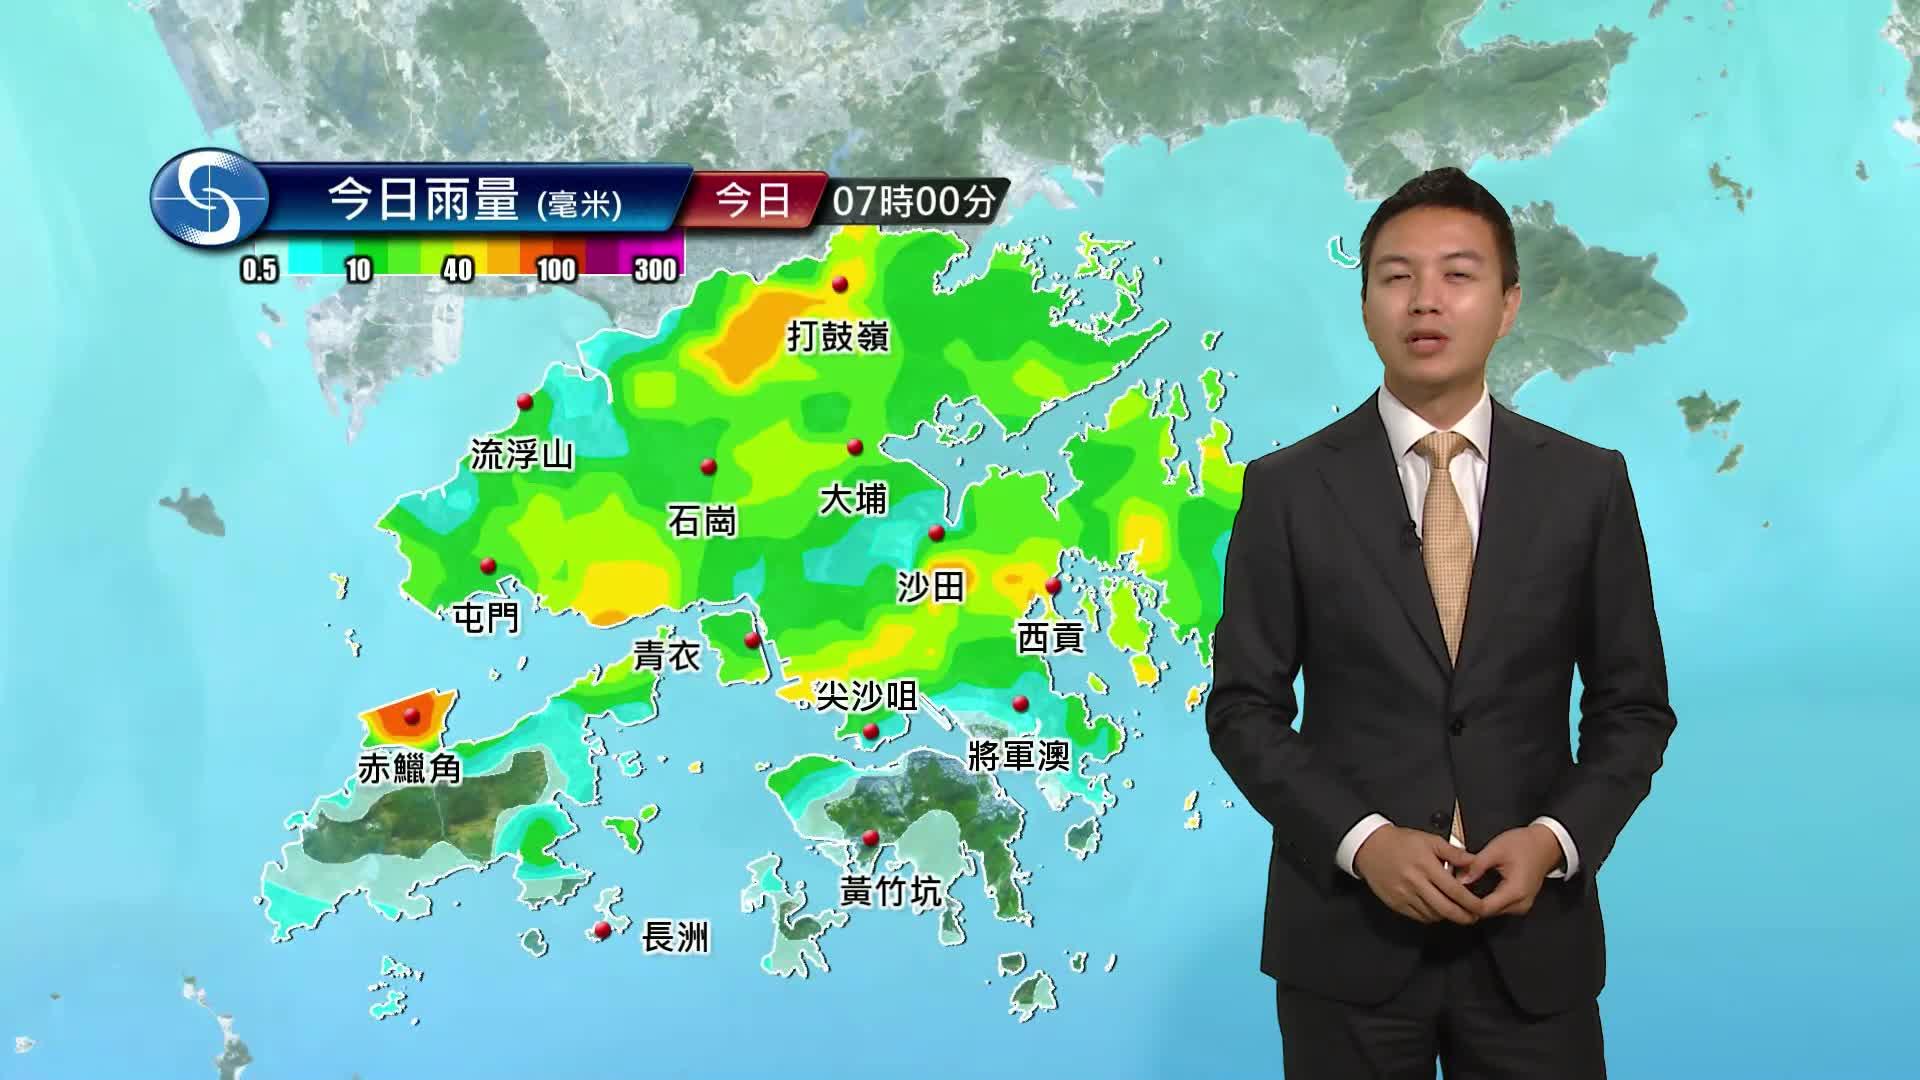 早晨天氣節目(07月25日上午8時) - 科學主任蔡子淳